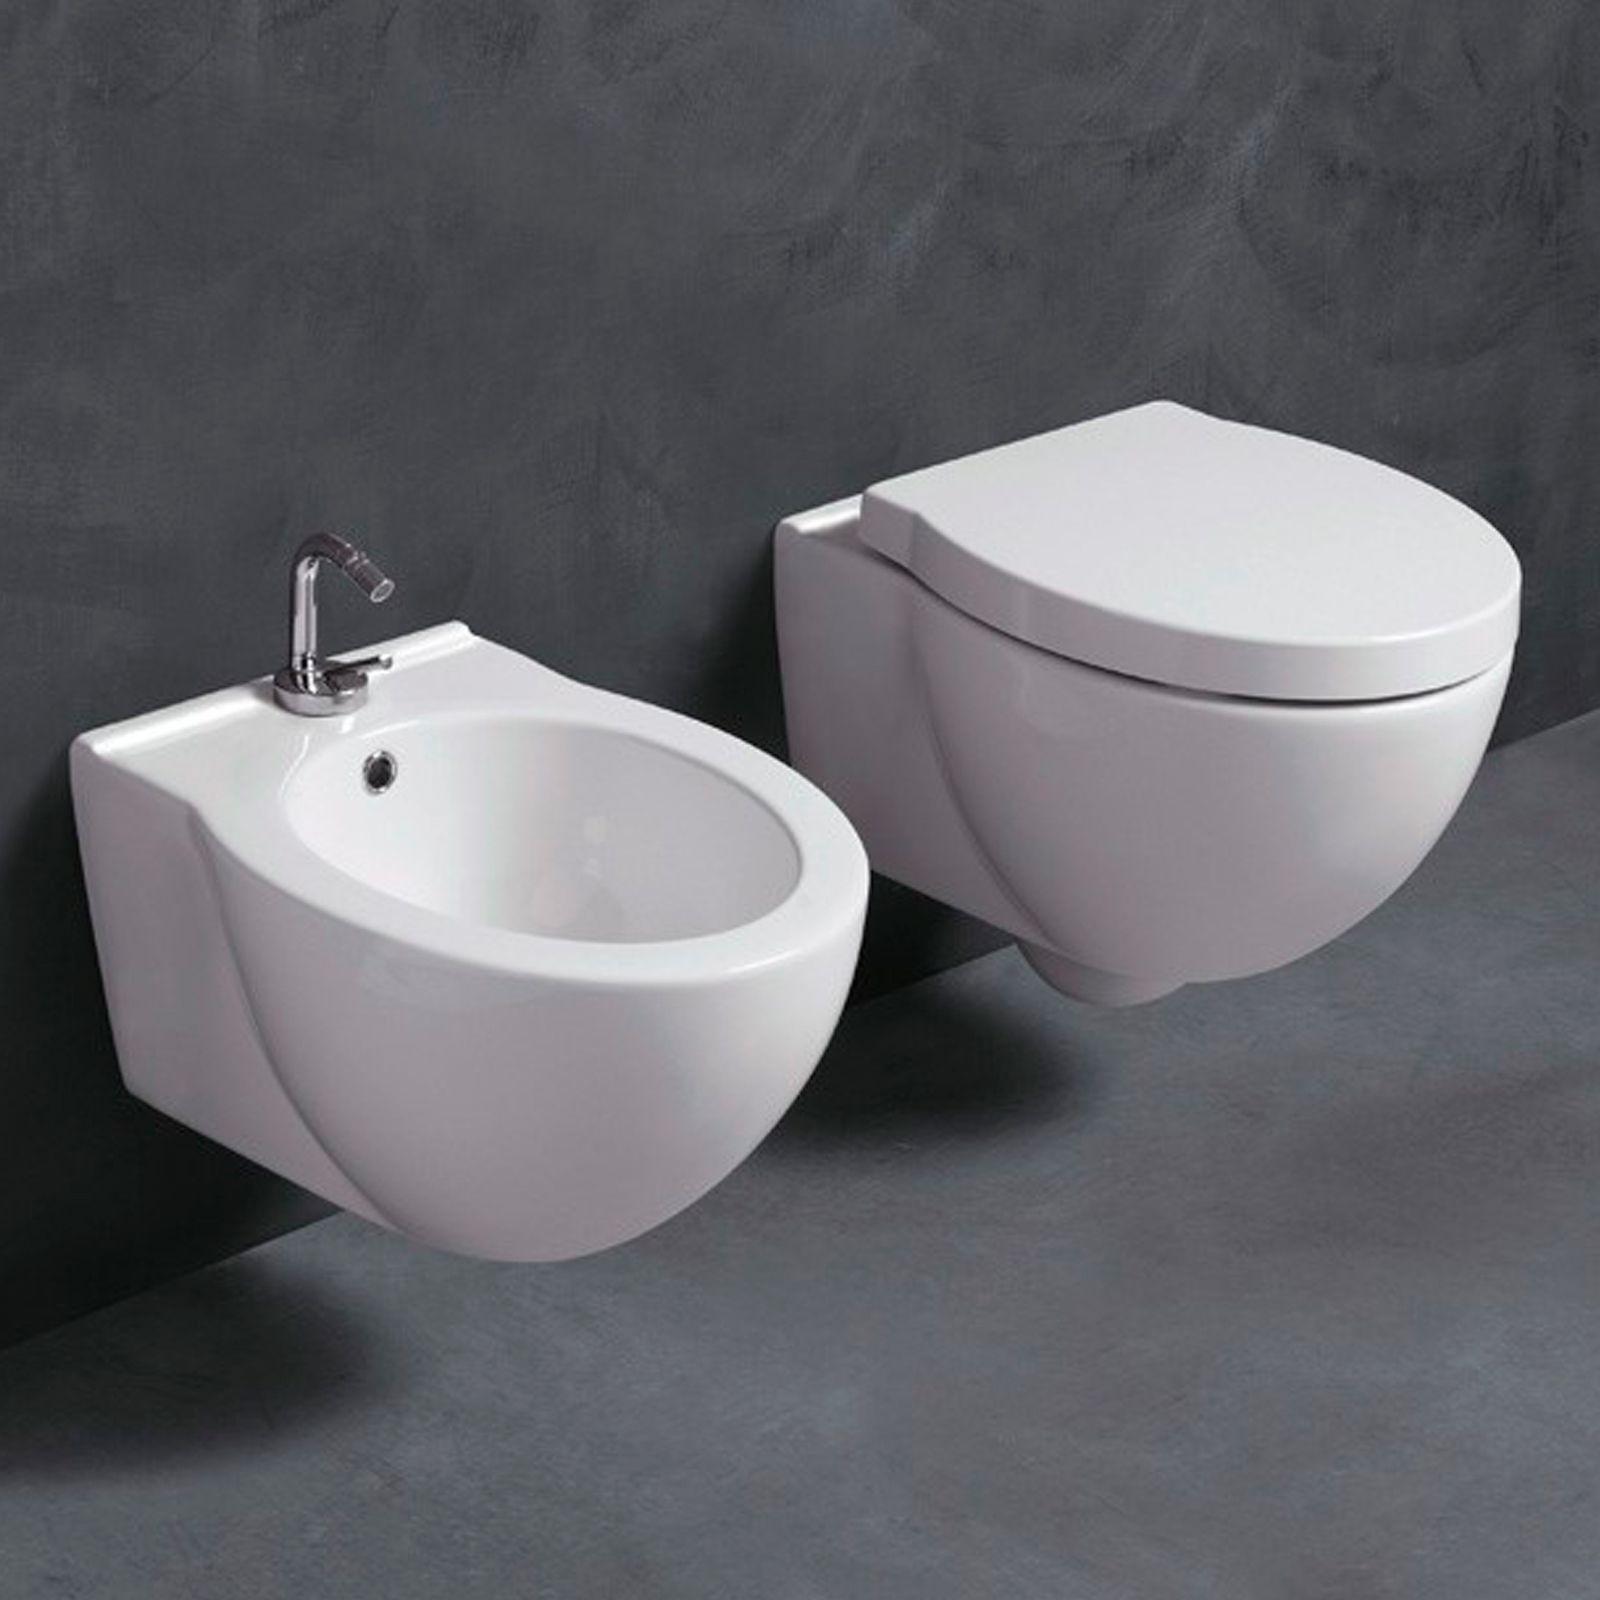 Sanitari sospesi per piccoli spazi 50x37 cm in ceramica